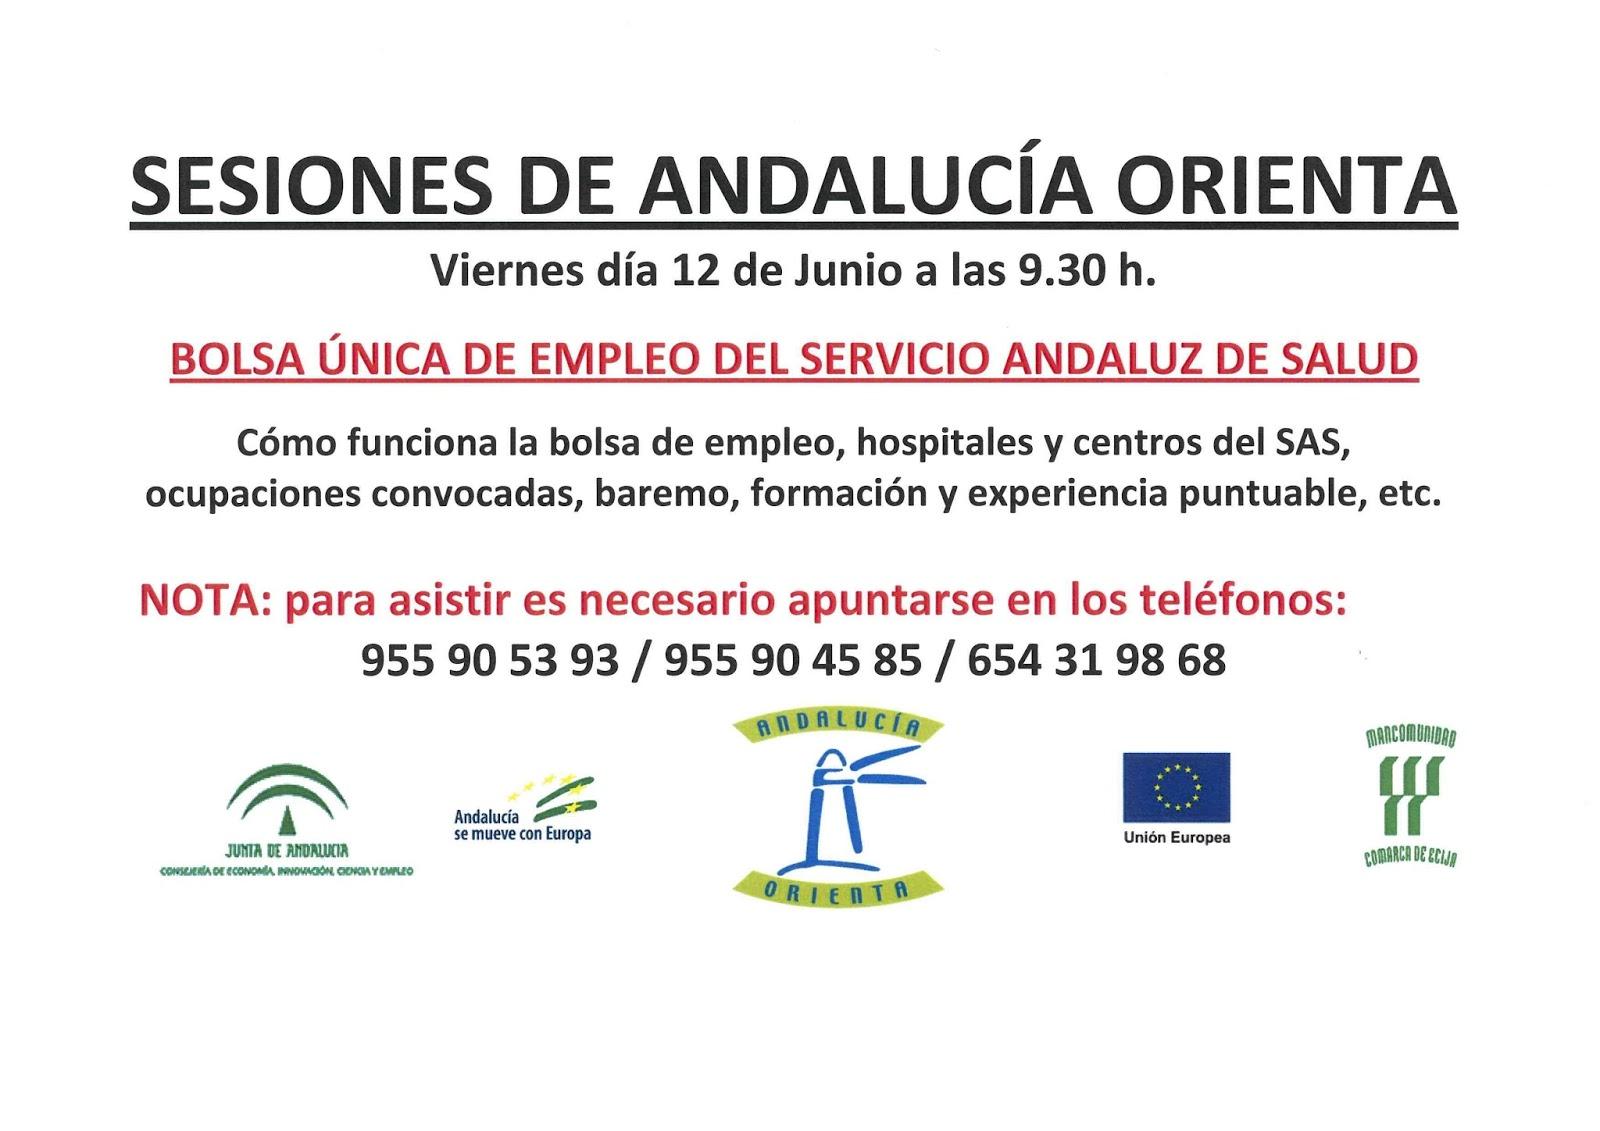 Andalucia Orienta Mancomunidad écija Sesiones Informativas